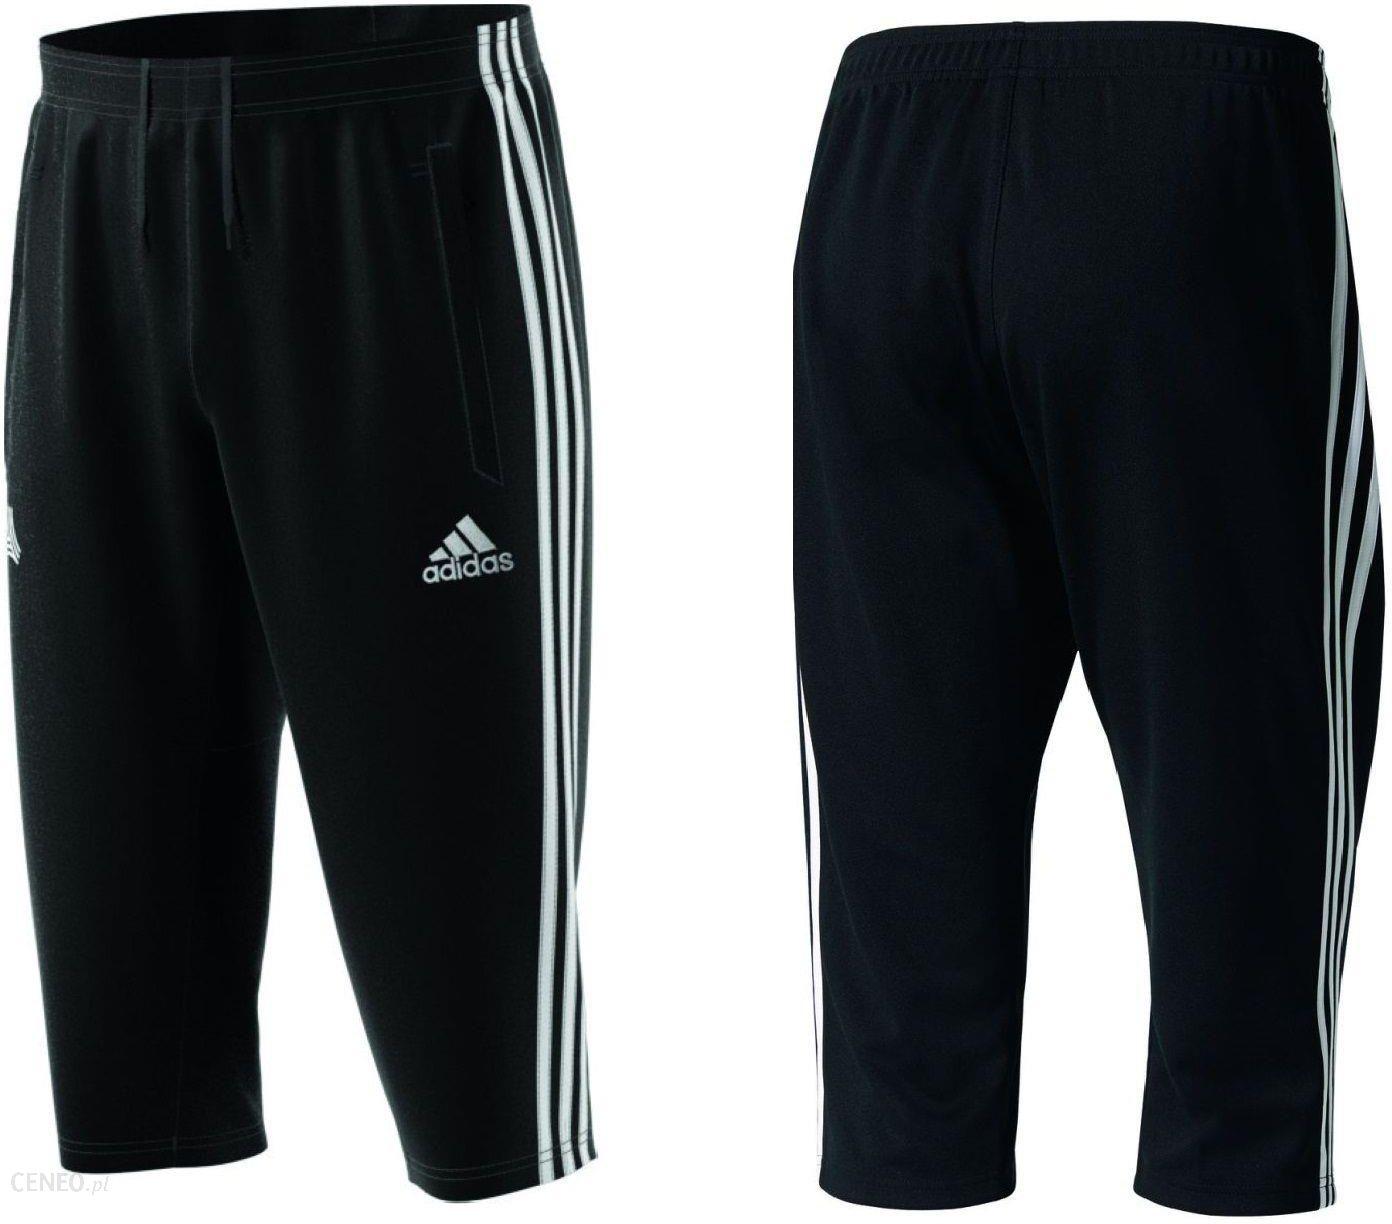 663a25774cf686 Spodnie Adidas Tango Cage Treningowe 3/4 AZ6083 rM - Ceny i opinie ...